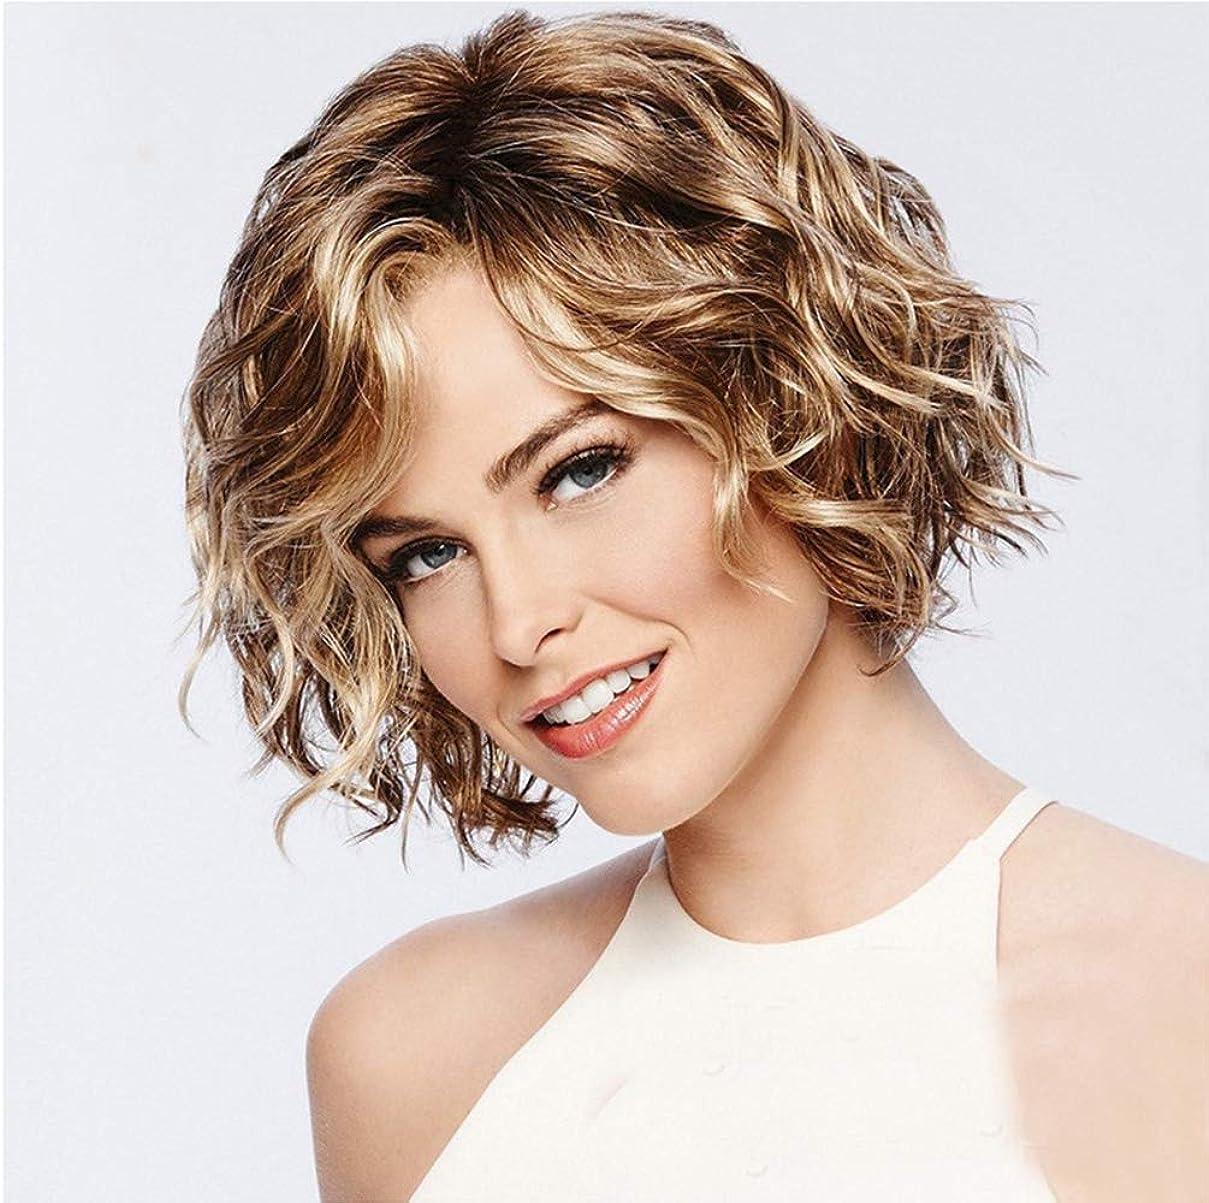 大邸宅リングバック扱いやすいかつら女性ボボカーリー合成耐熱繊維毛魅力的なファッショナブルなかつらゴールデングラデーション28センチ